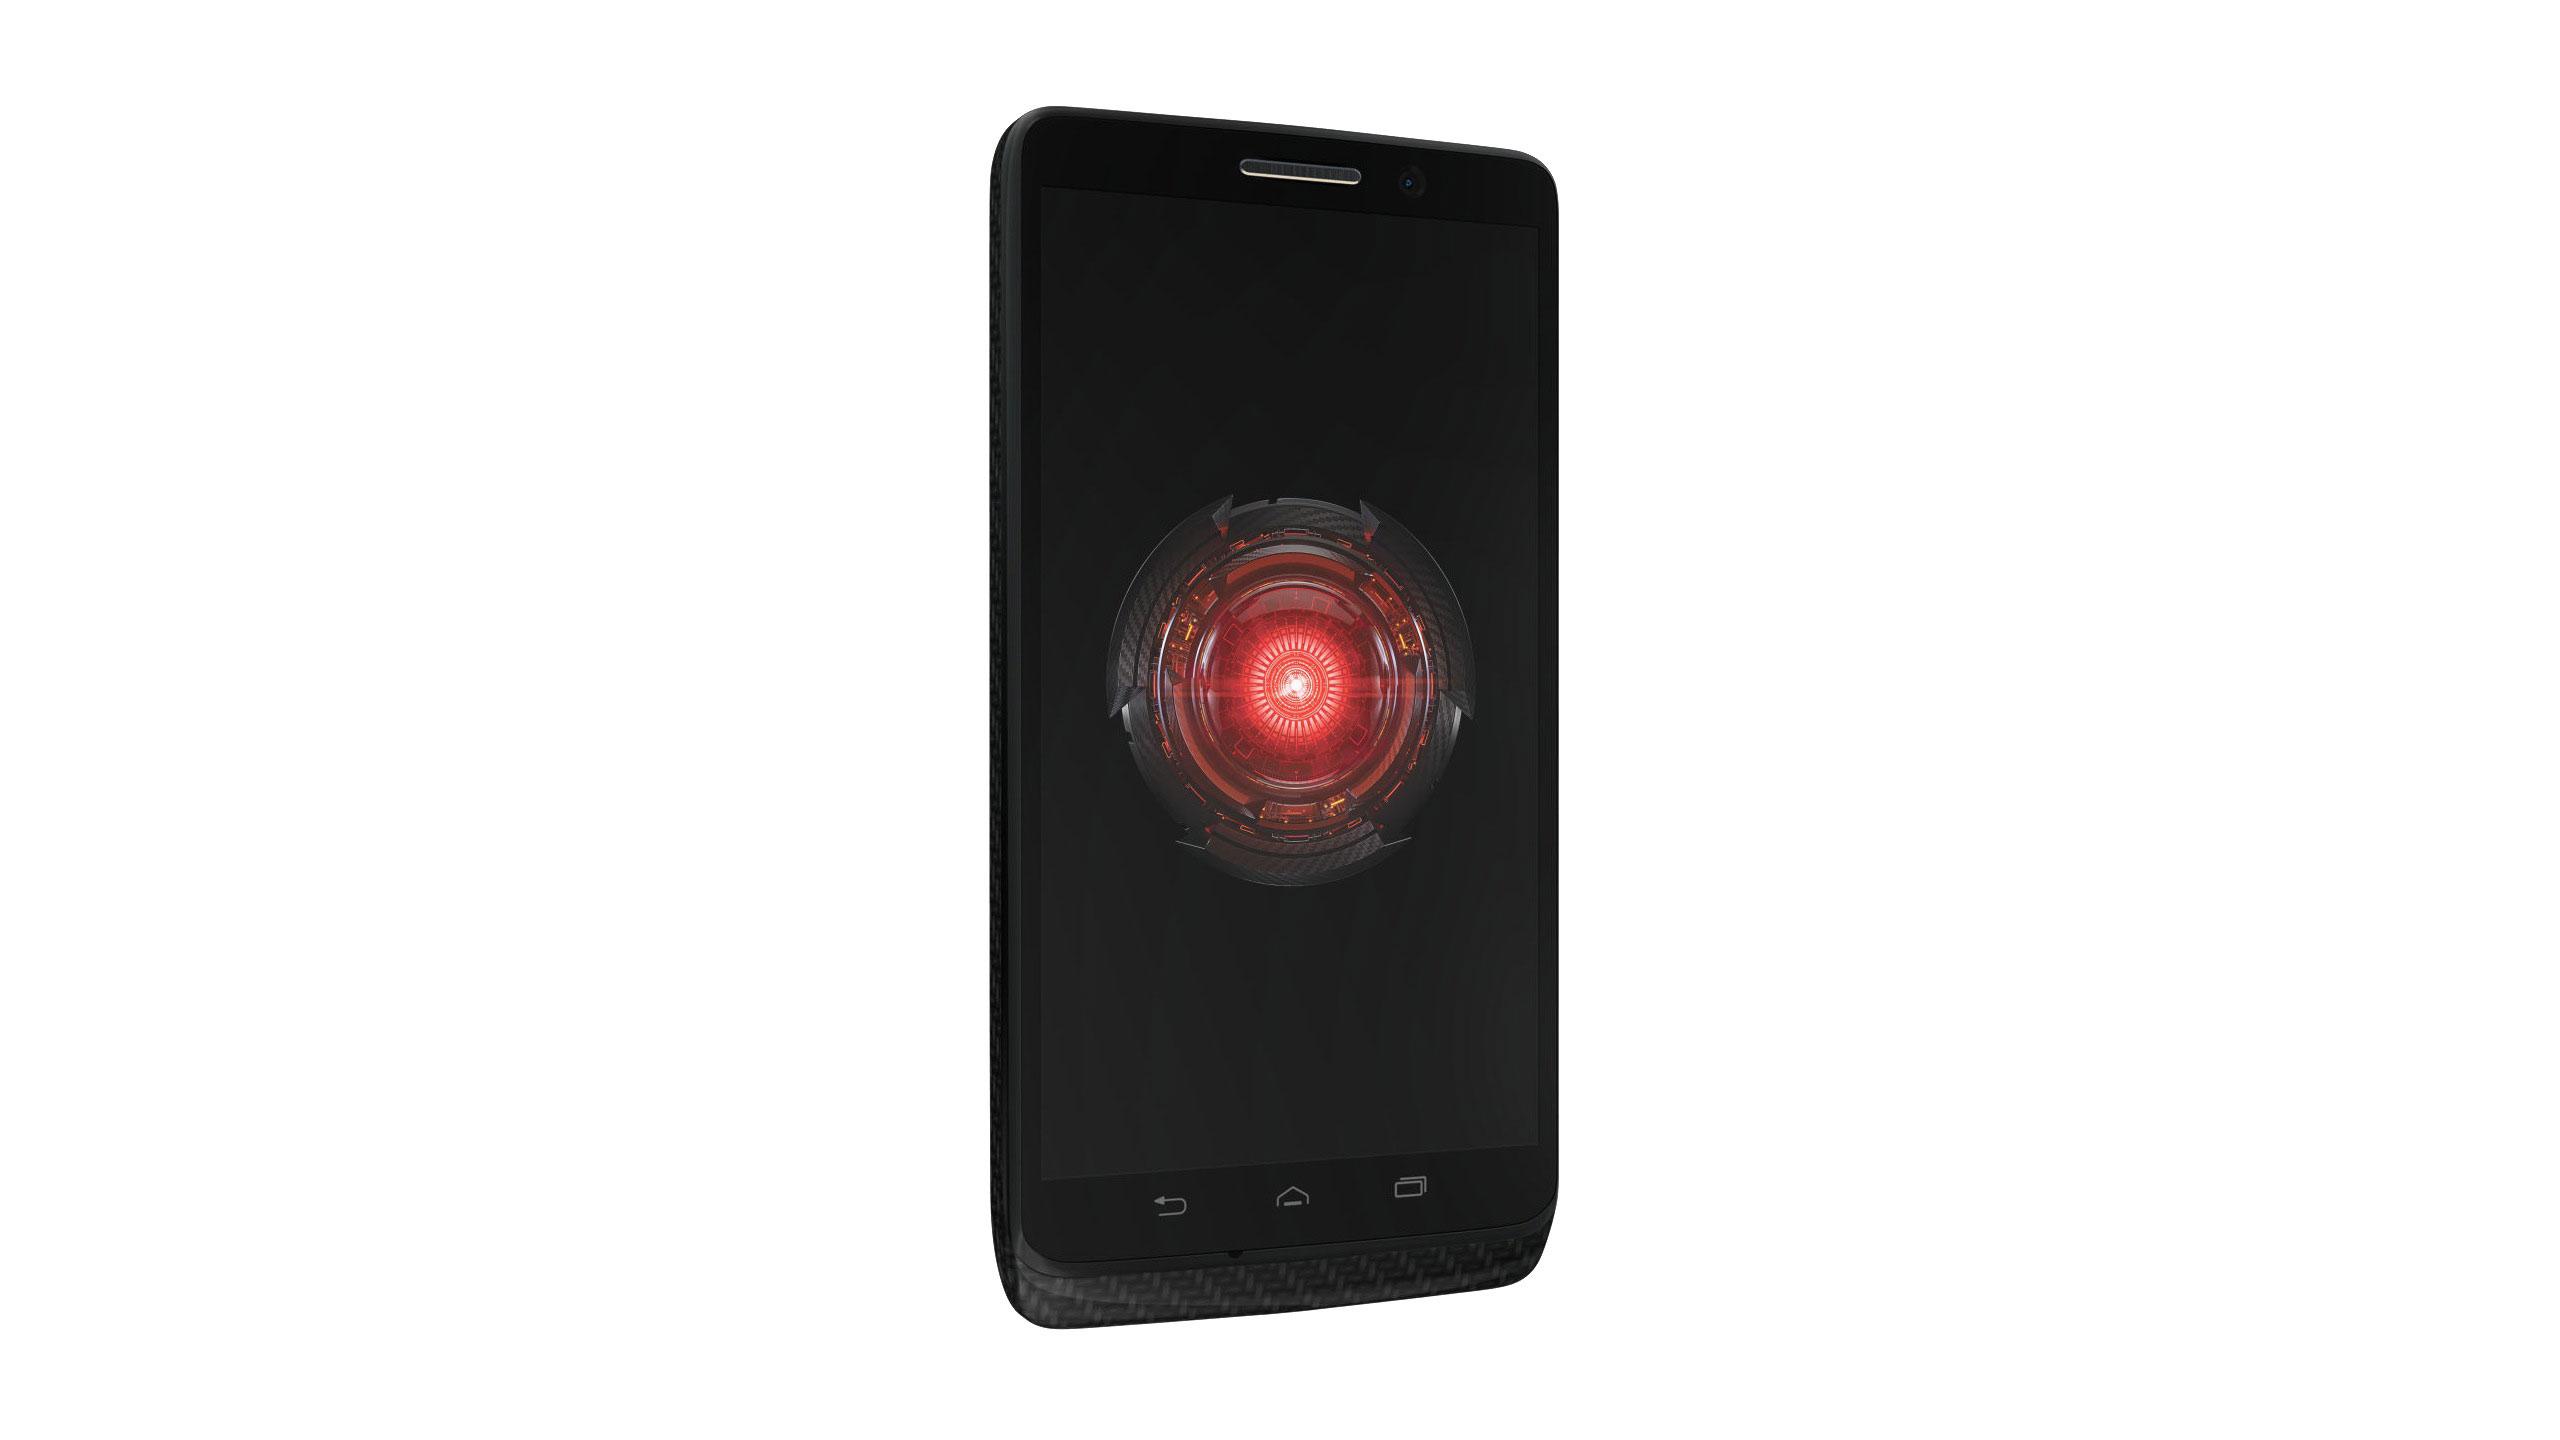 Motorola Droid Mini - smartphone w obudowie unibody z kevlaru i Gorilla Glass